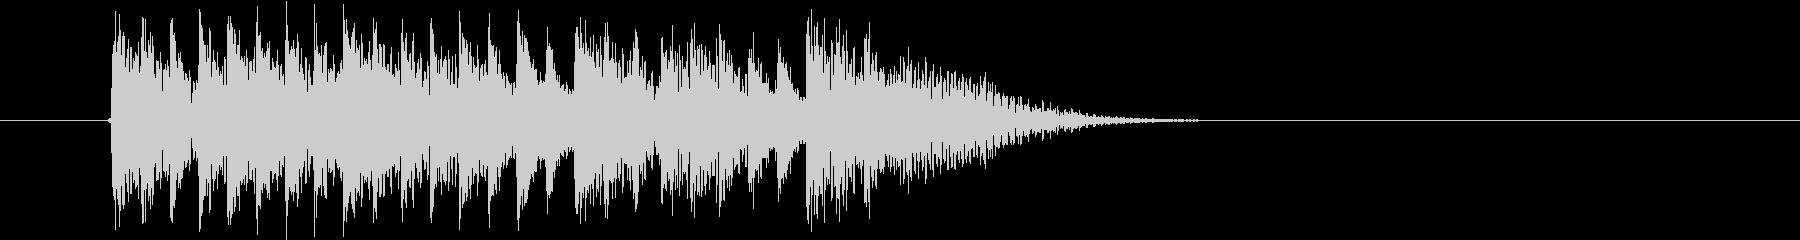 幻想的なテクノポップの未再生の波形